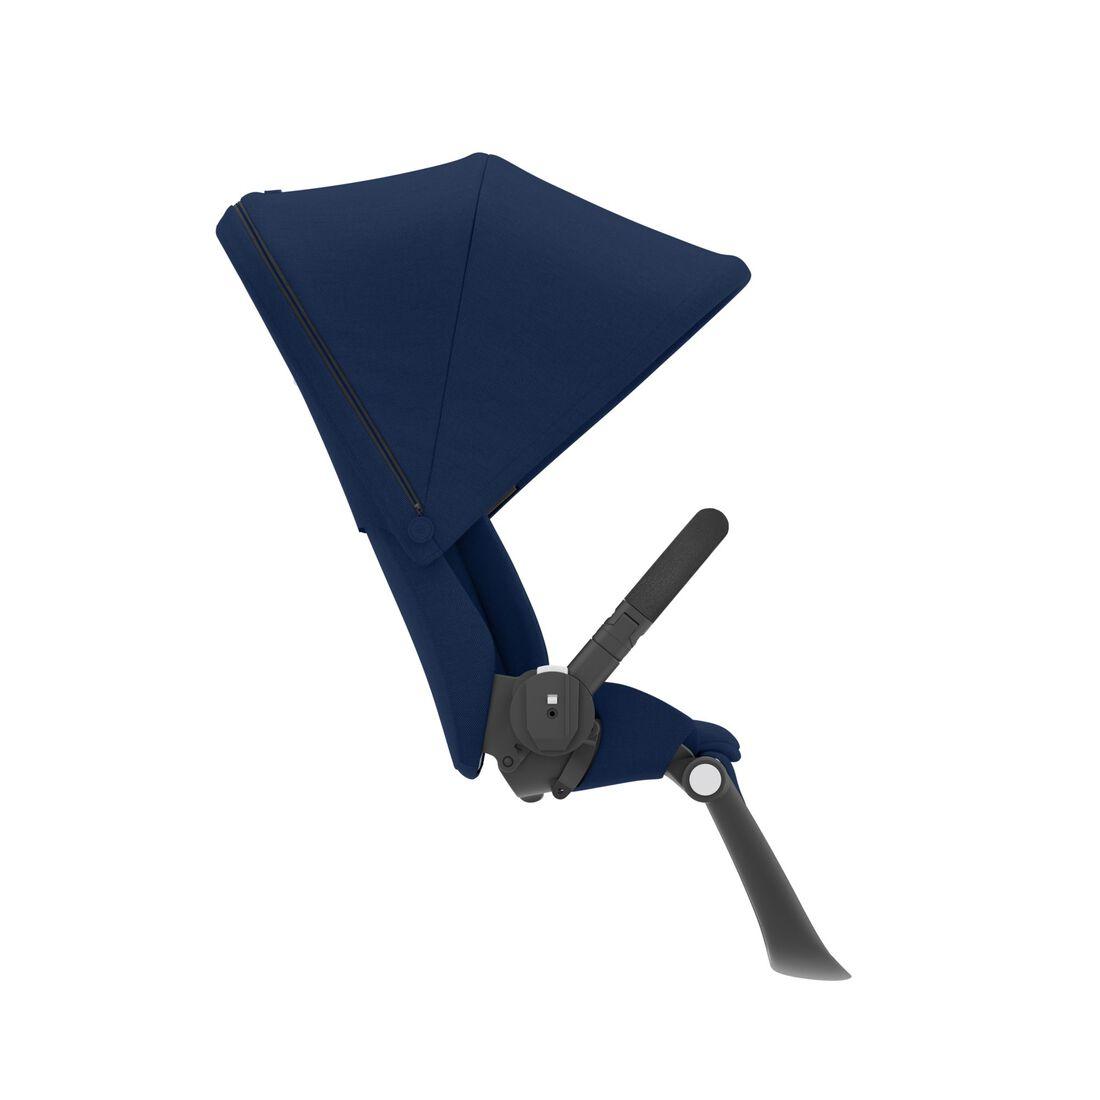 CYBEX Gazelle S Sitzeinheit - Navy Blue (Schwarzer Rahmen) in Navy Blue (Black Frame) large Bild 2